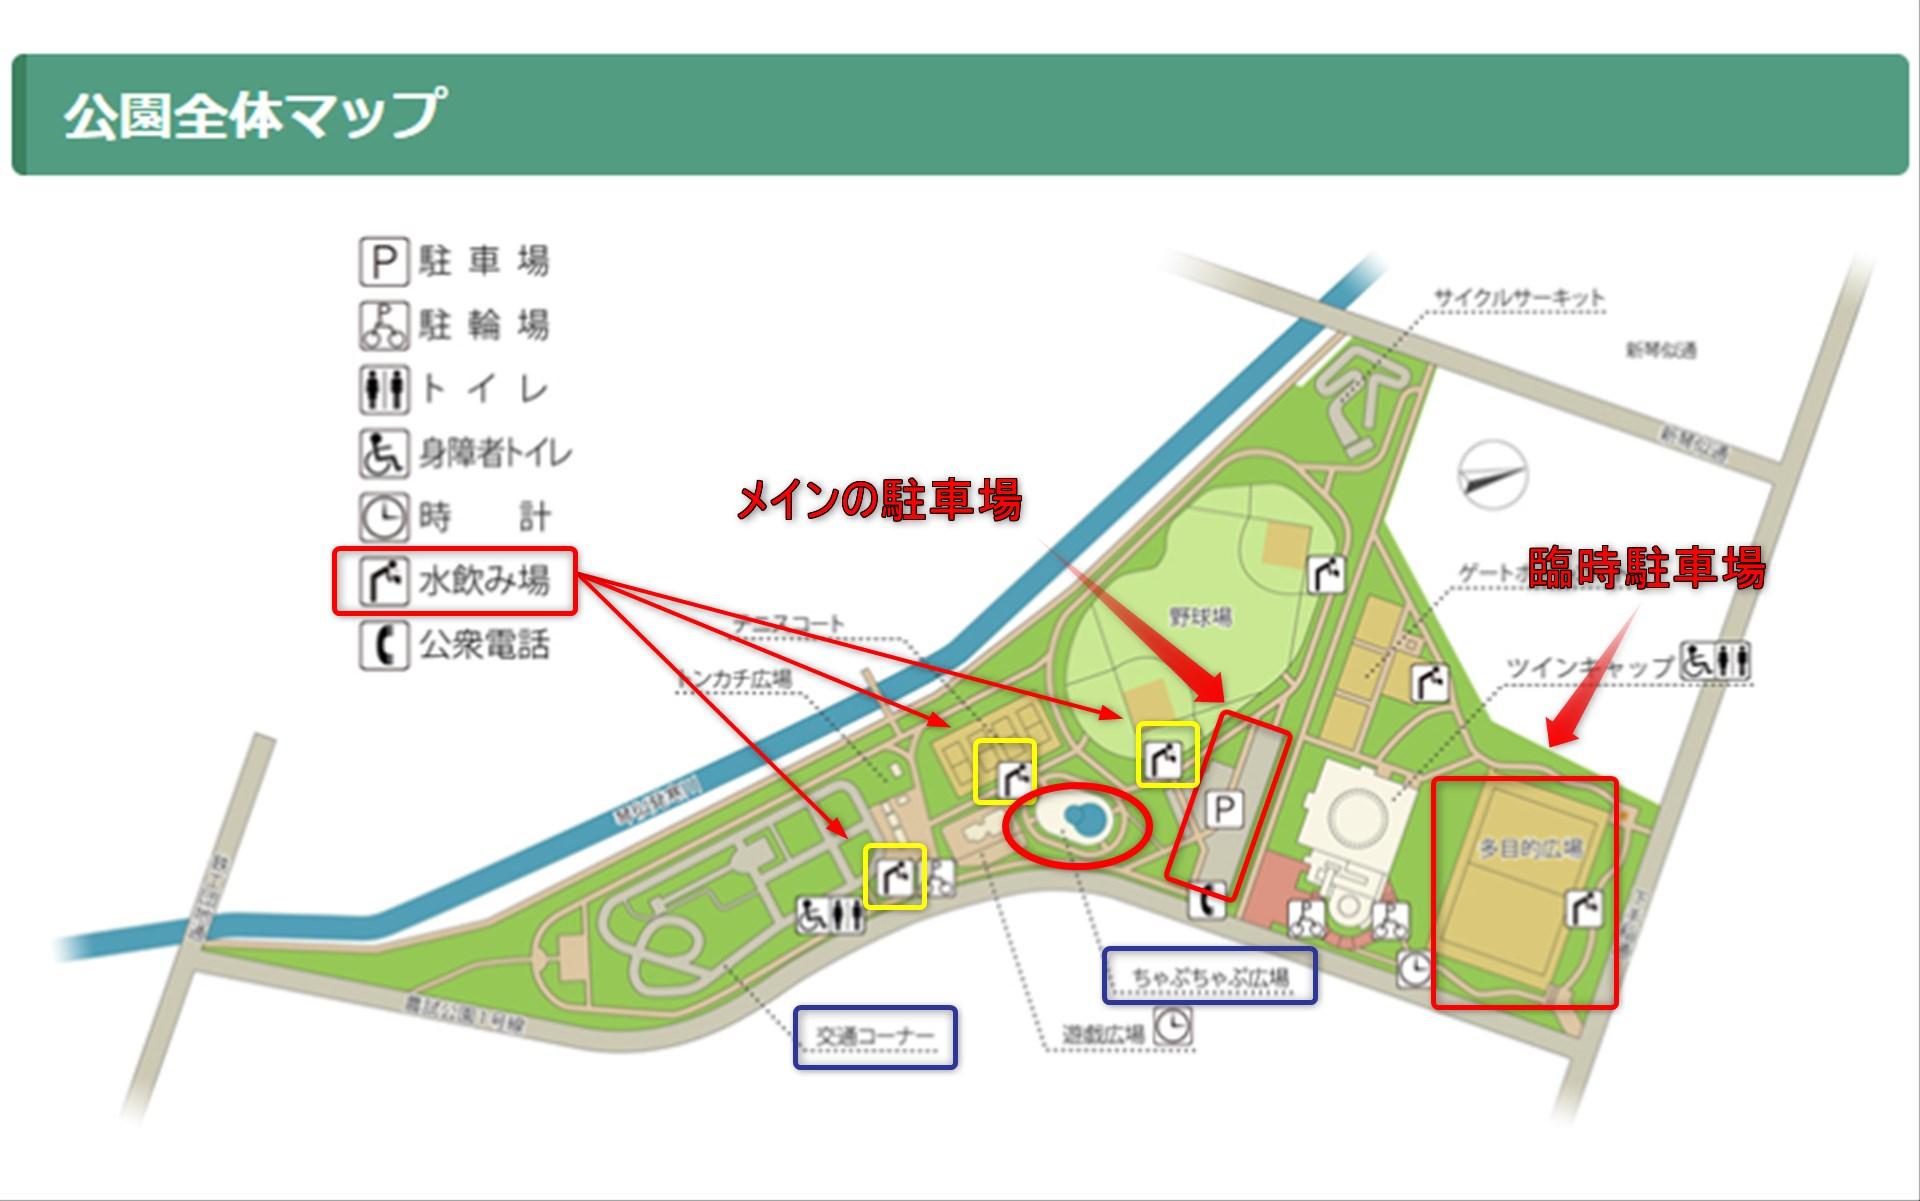 農試公園のマップとポイント